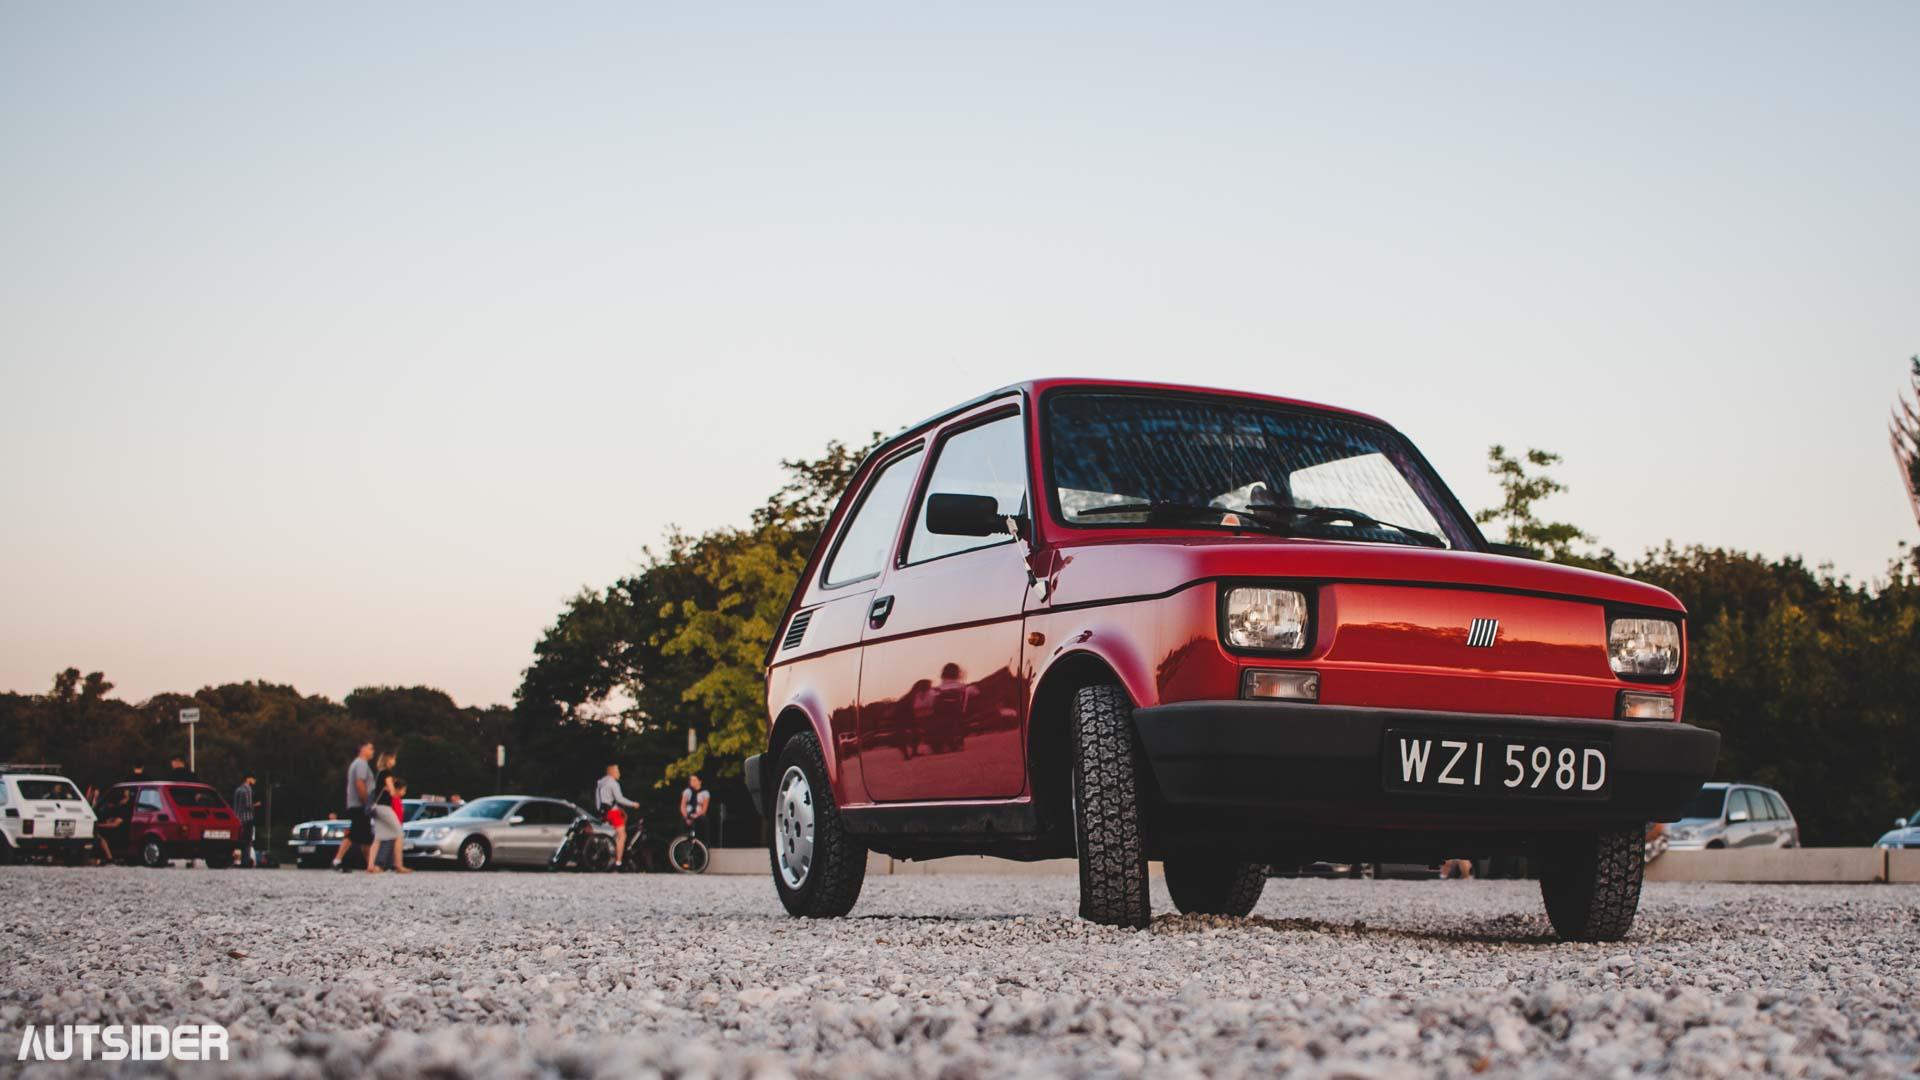 Fiat 126p Maluch AUTSIDER